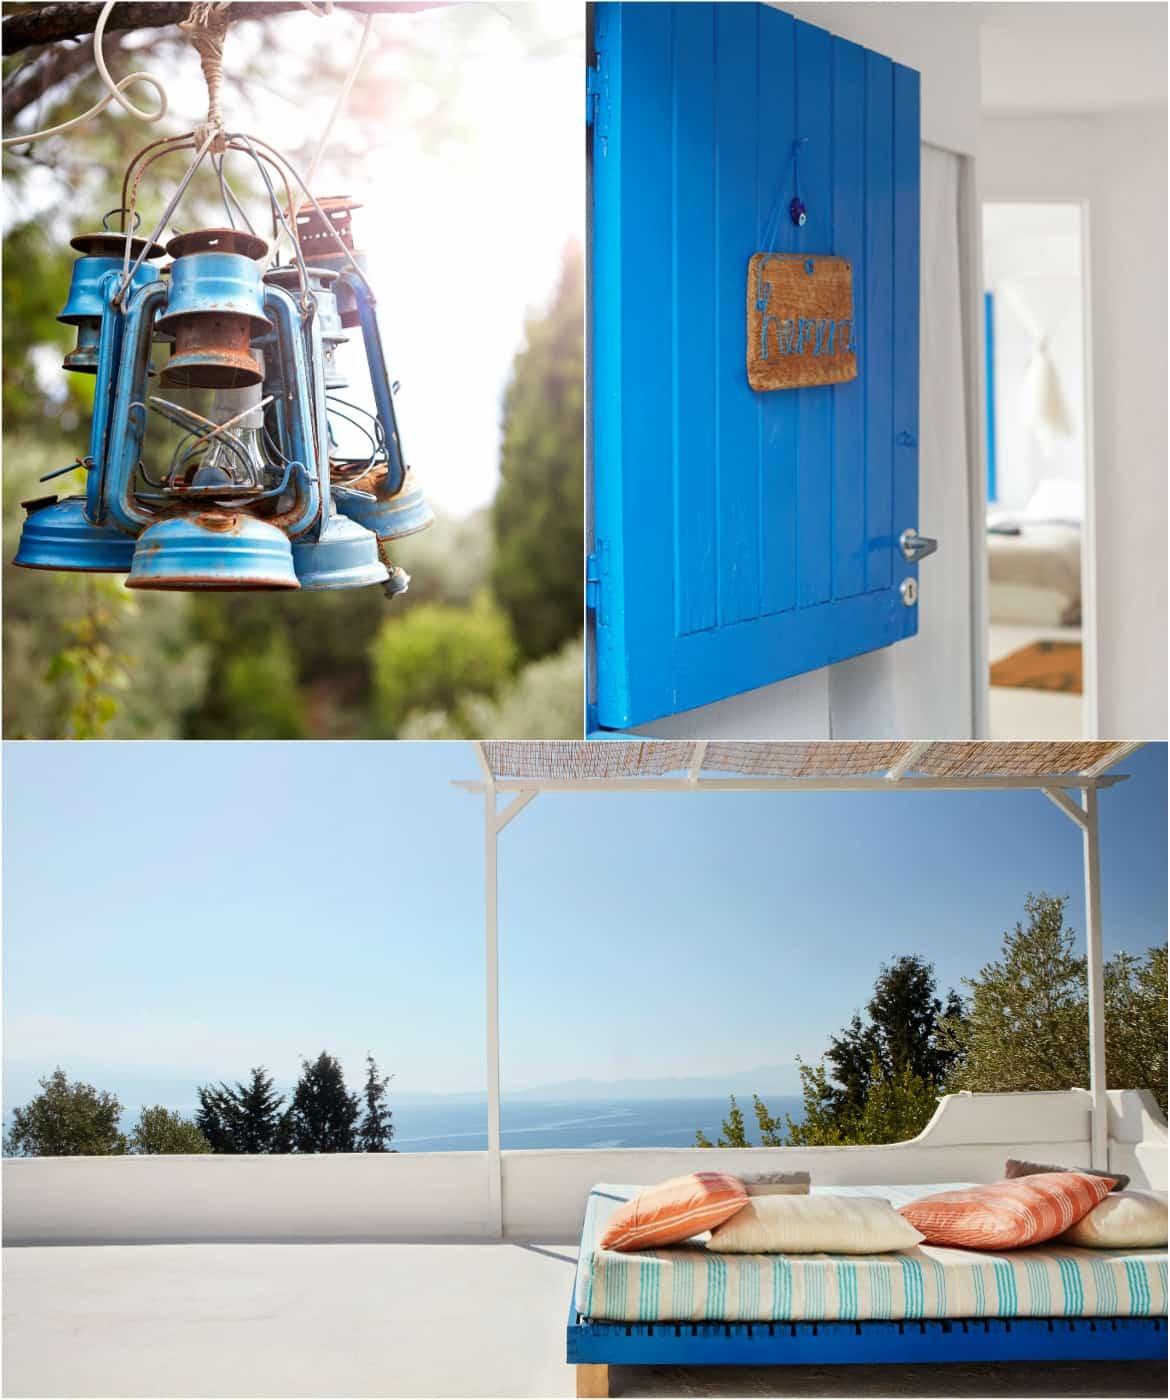 Μπλε λεπτομέρειες στο πιο πολυτελές κέντρο γιόγκα στην Ελλάδα